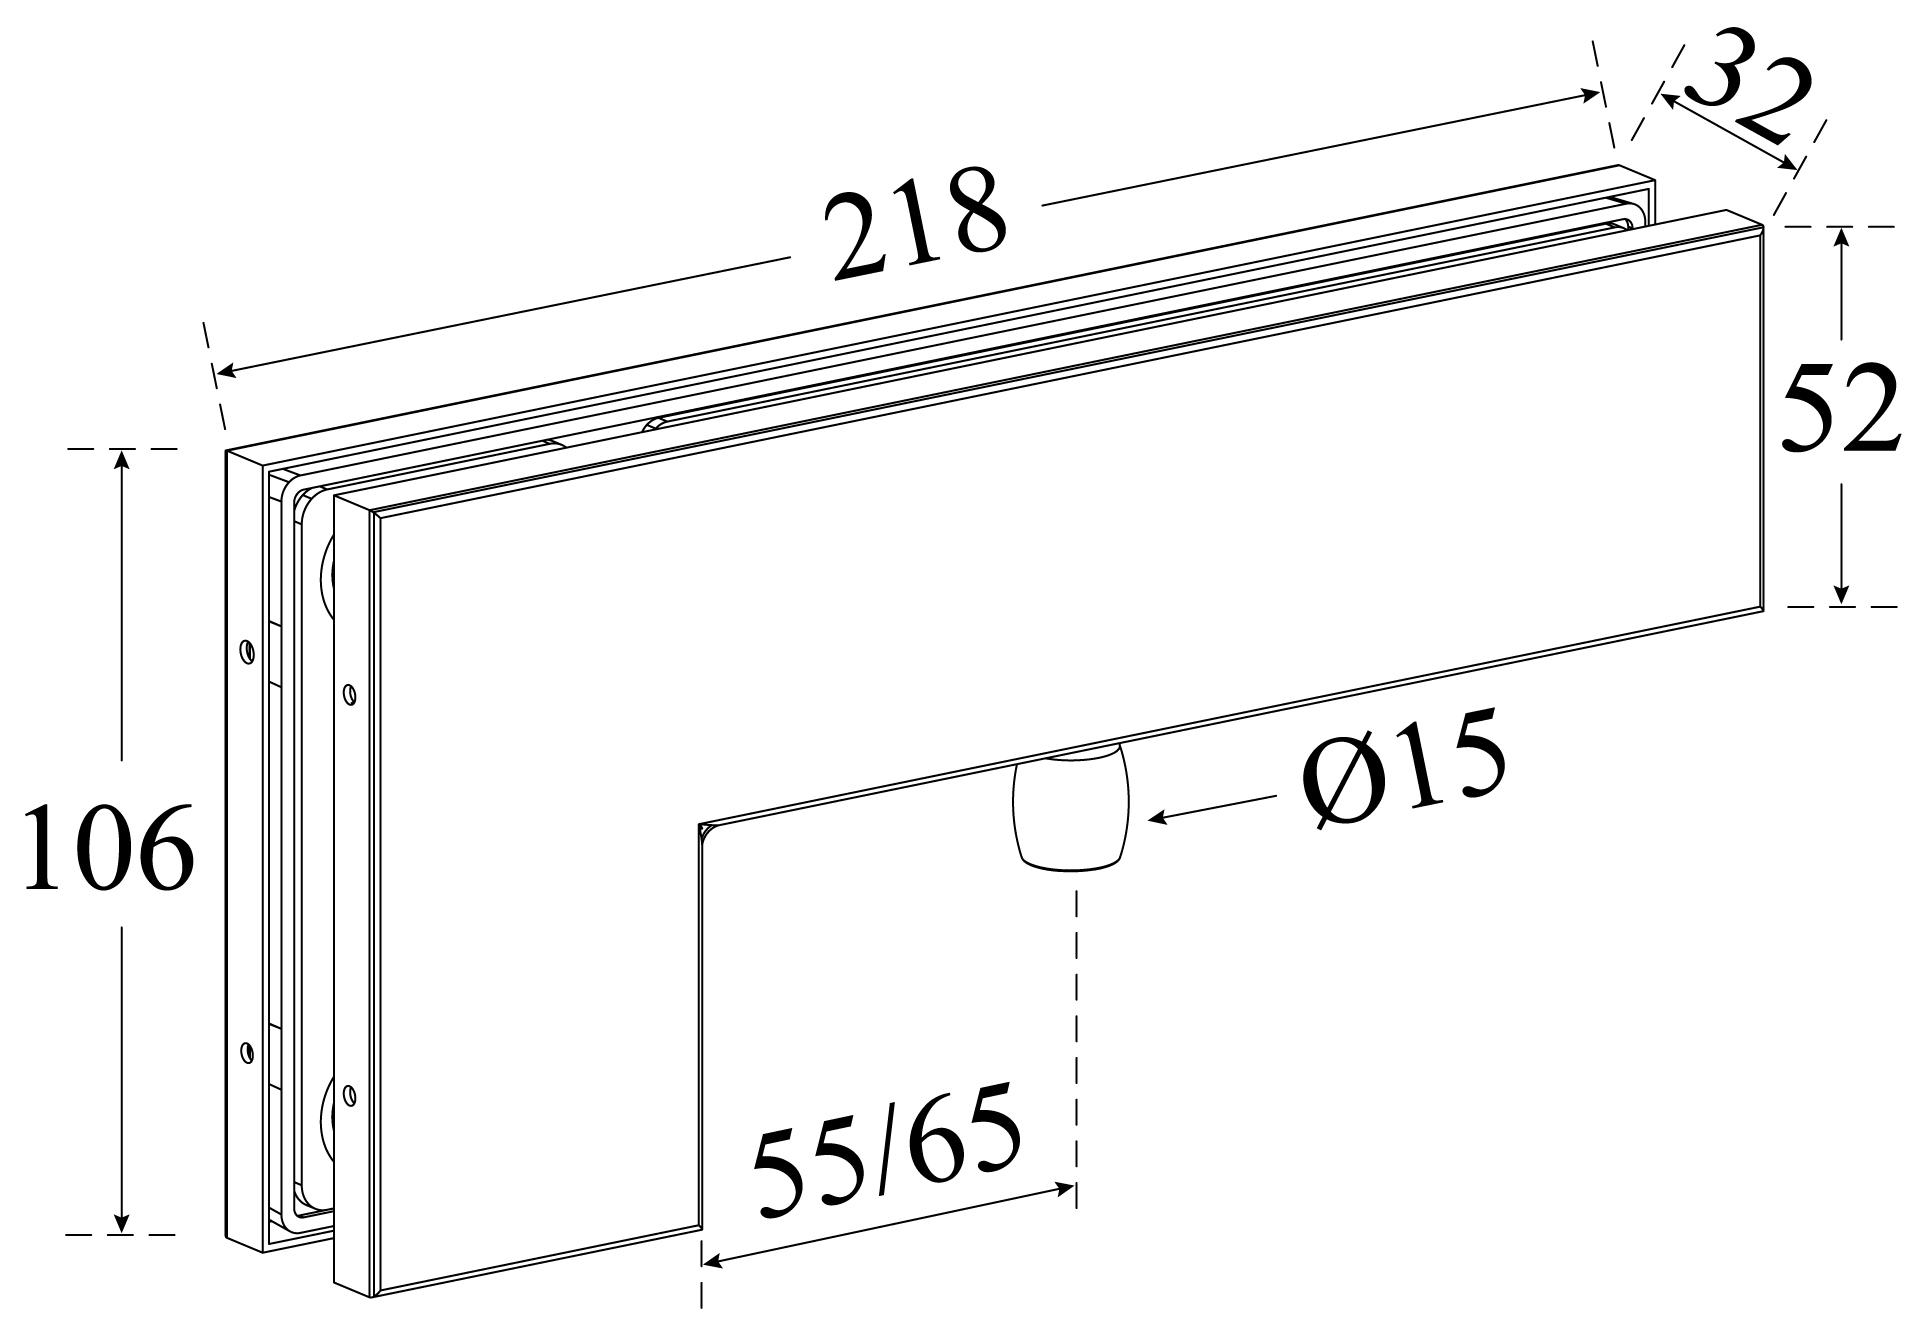 VM-40 drawings